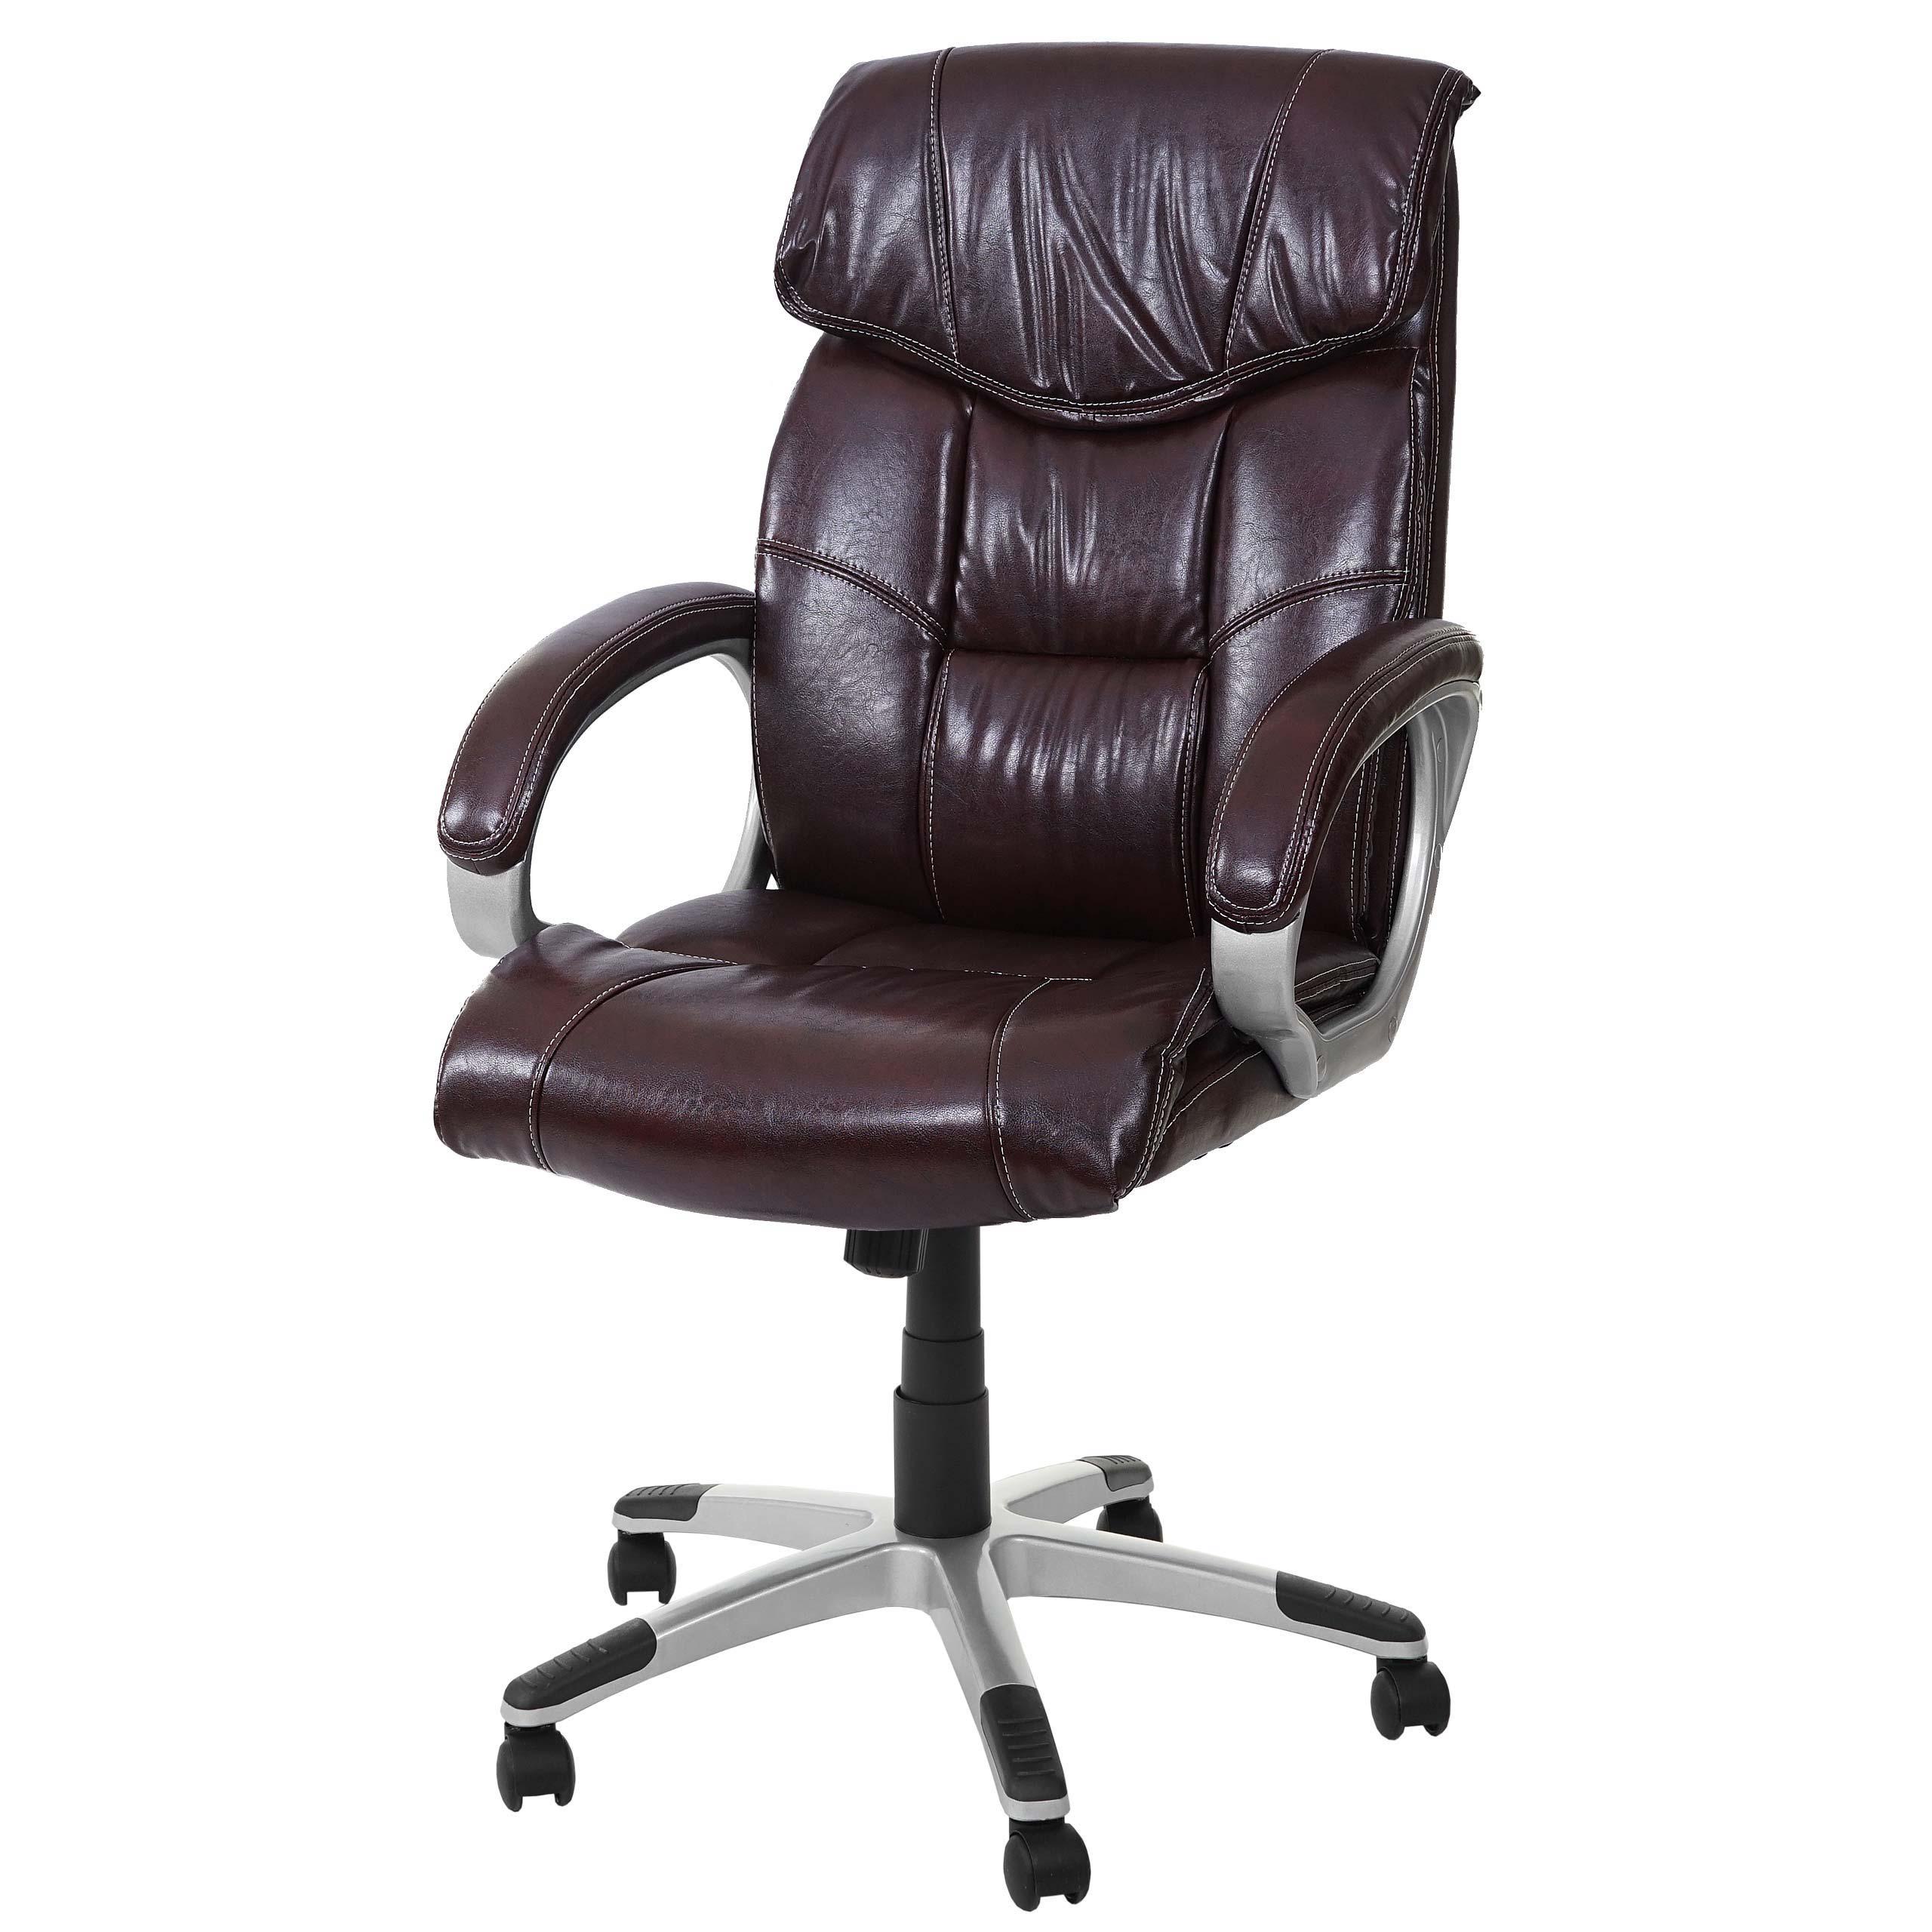 b rostuhl hwc a71 drehstuhl kunstleder opt heiz und massagefunktion ebay. Black Bedroom Furniture Sets. Home Design Ideas